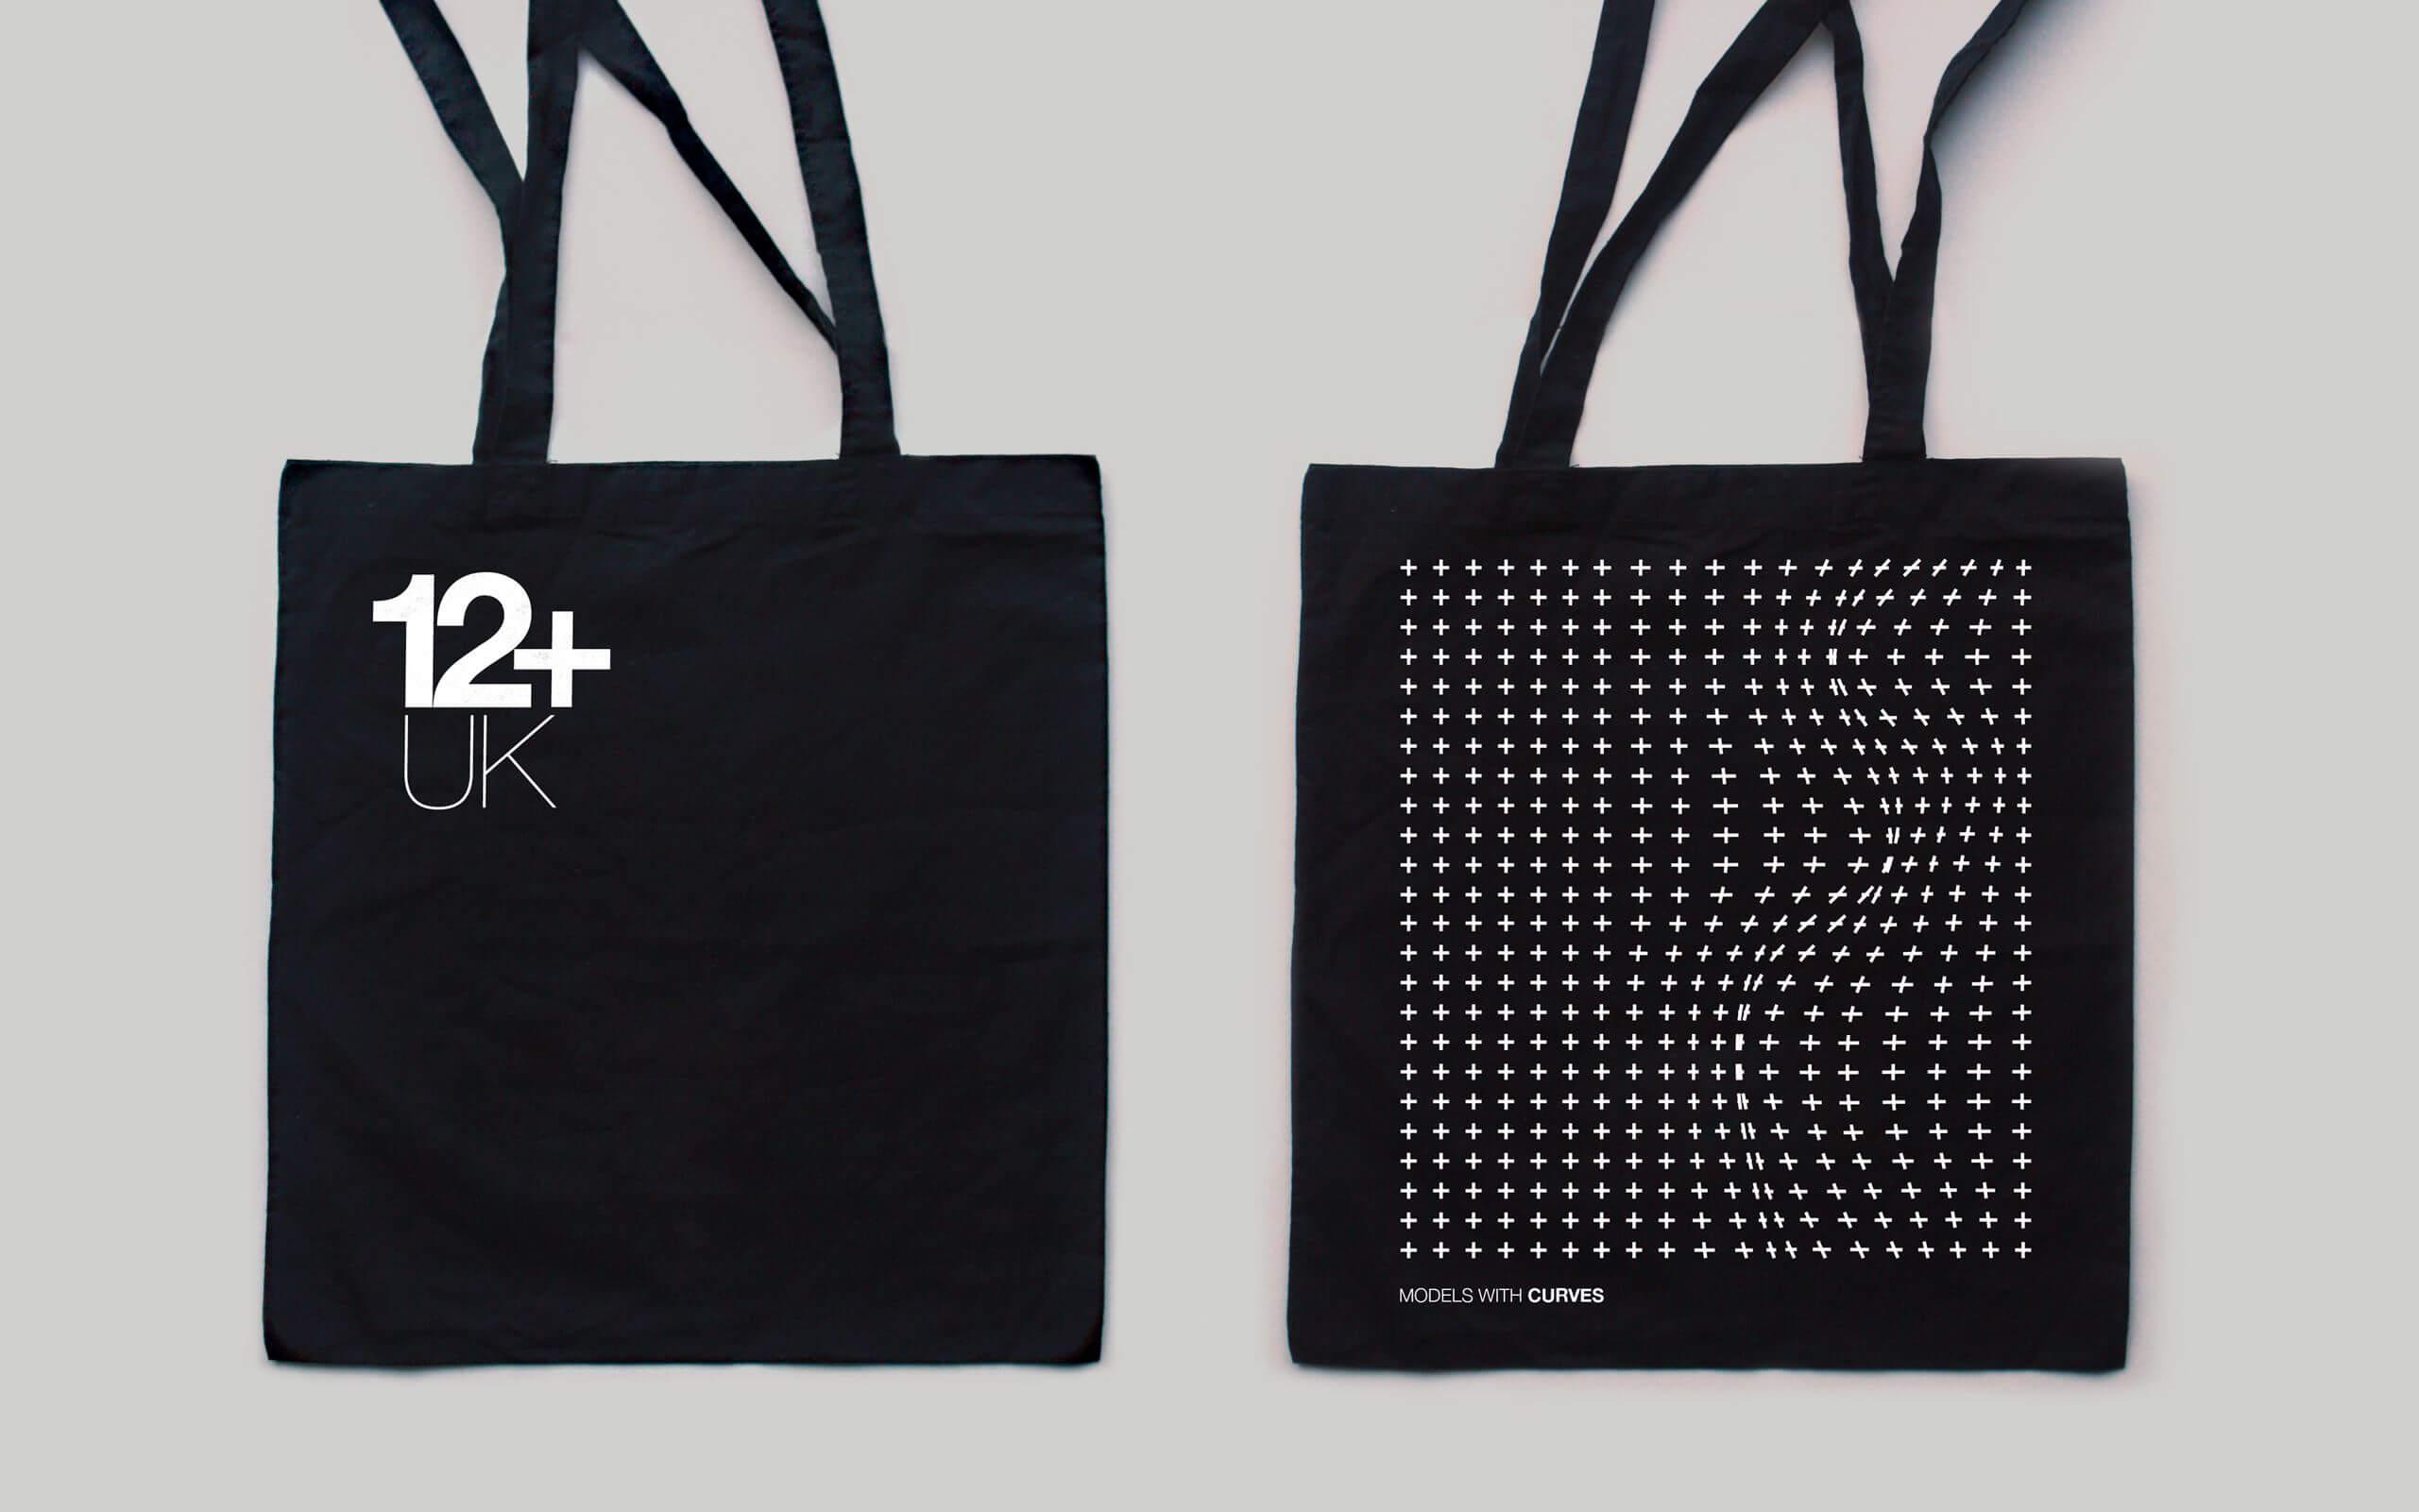 12+ UK model agency tote bags